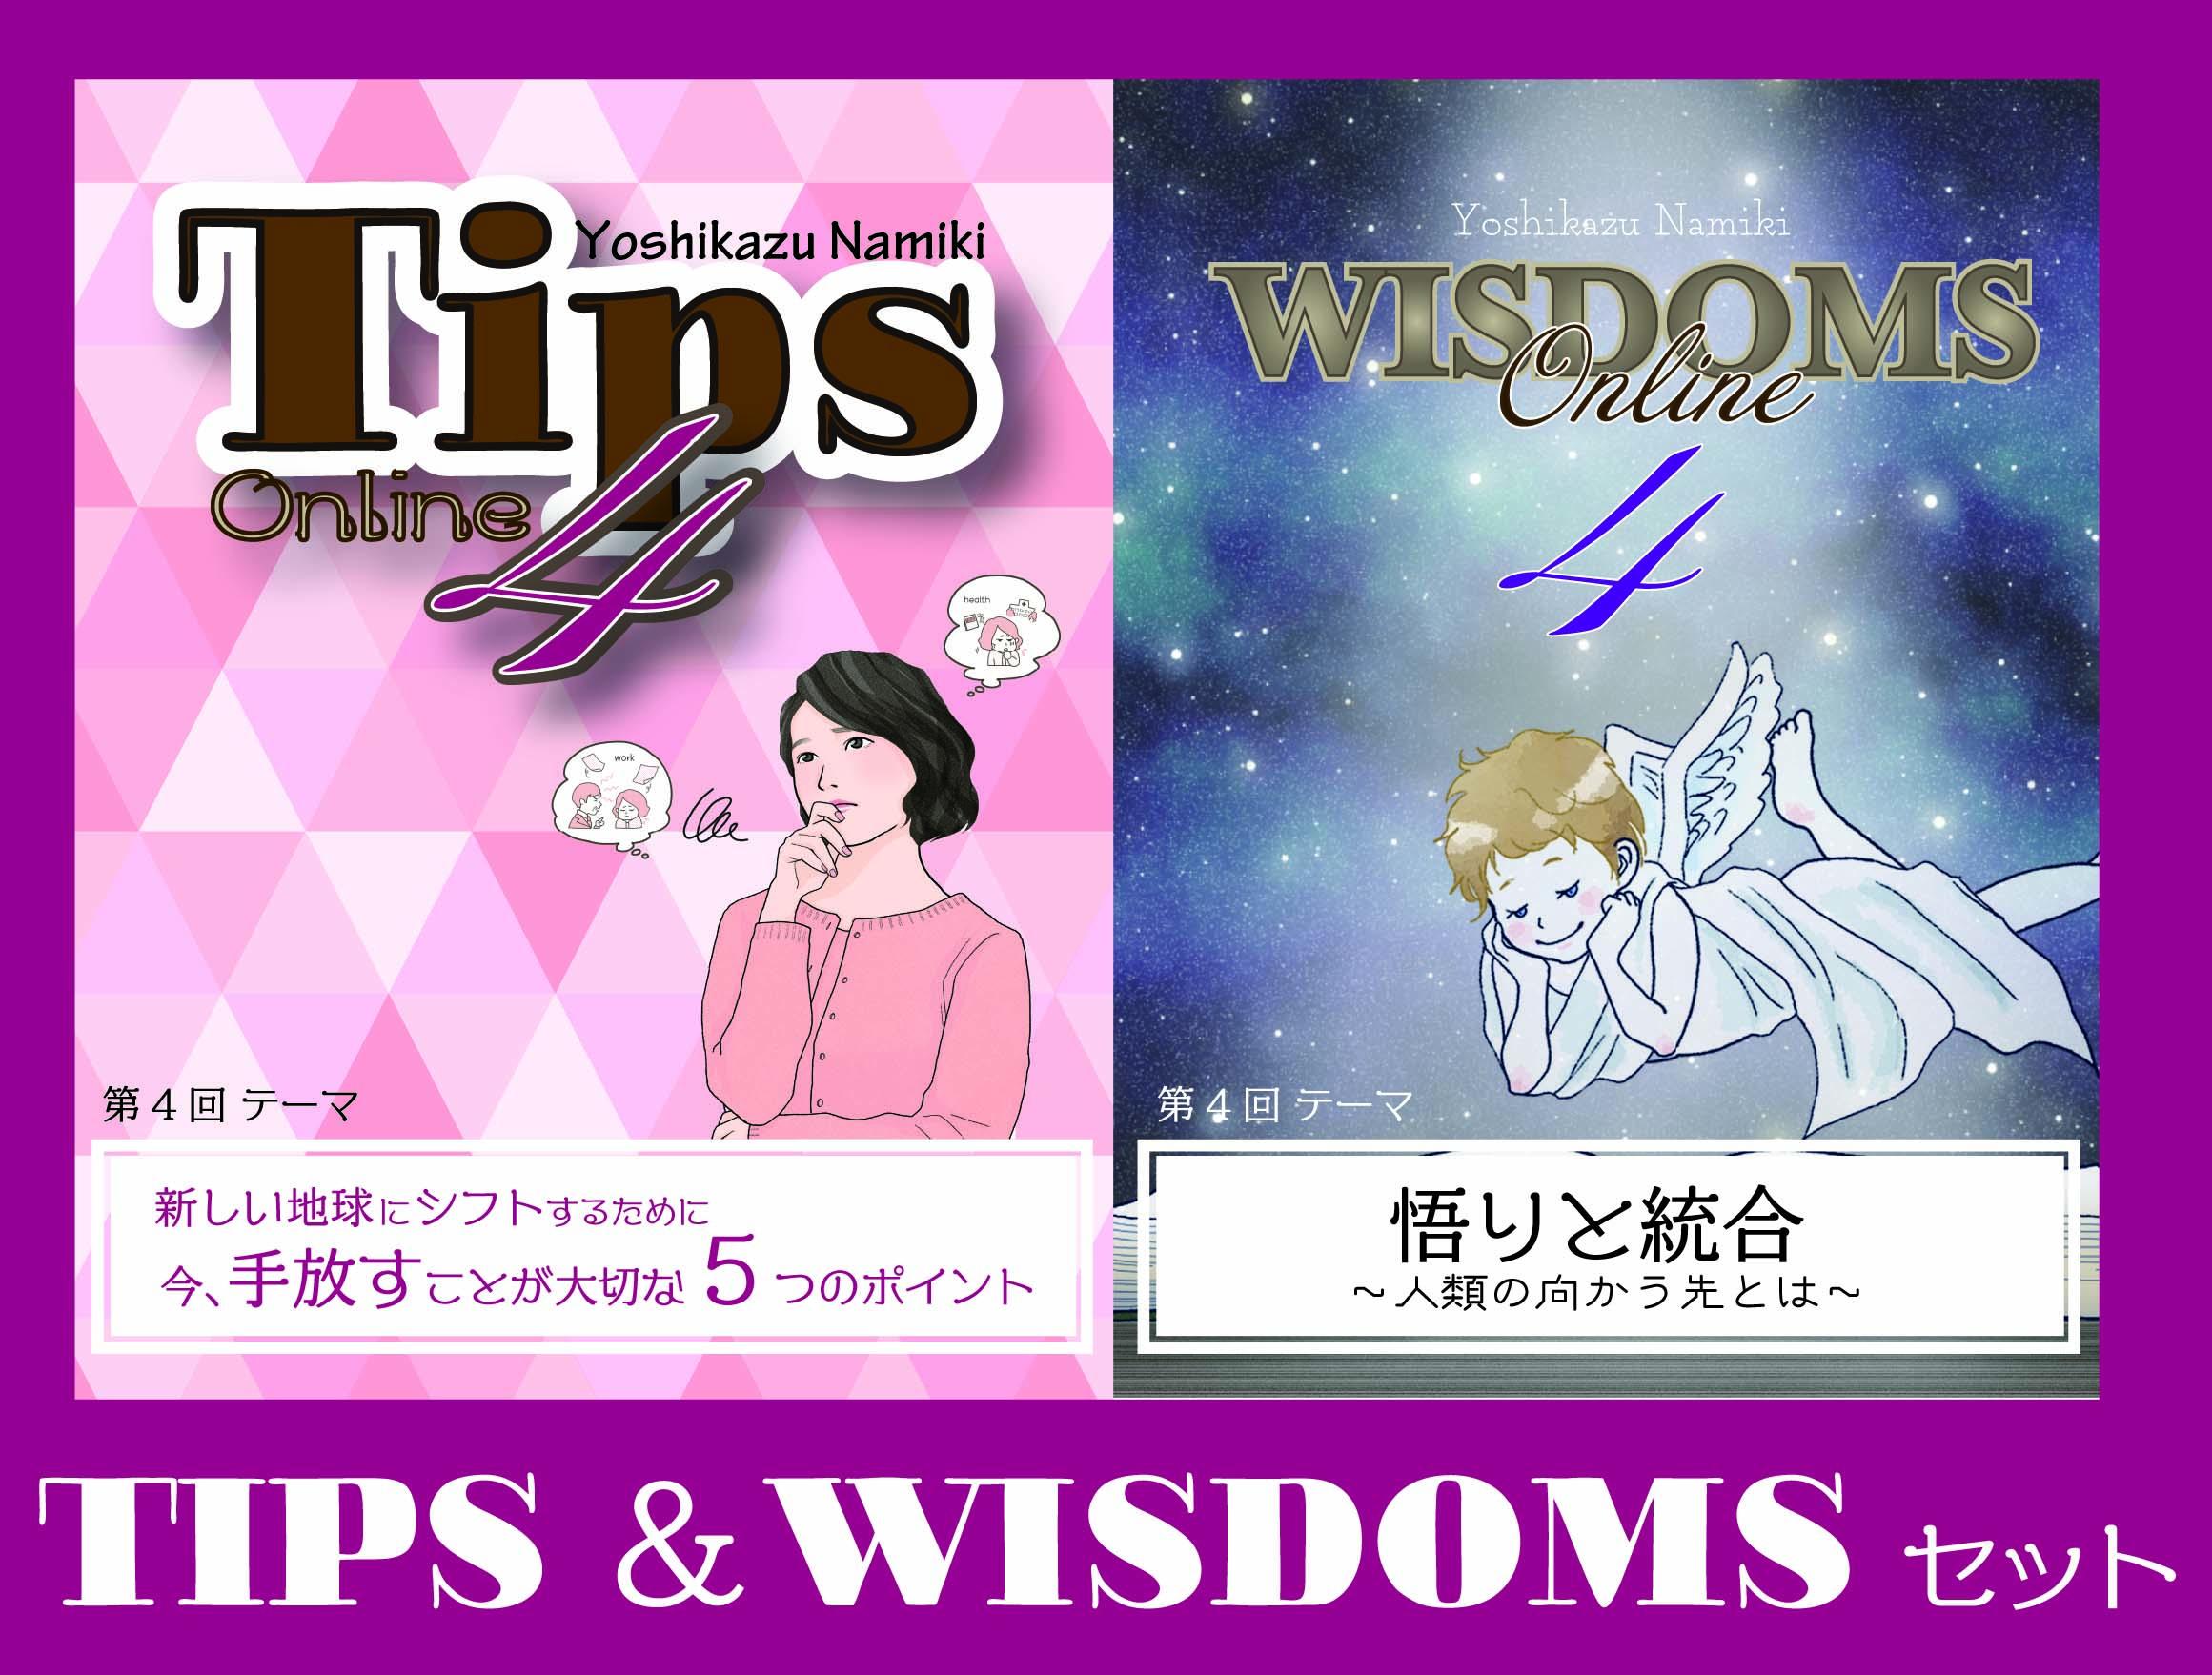 ★2021/07/27(火)【TIPS(ティップス)&WISDOMS(ウィズダムス)オンラインLIVE配信+録画配信】